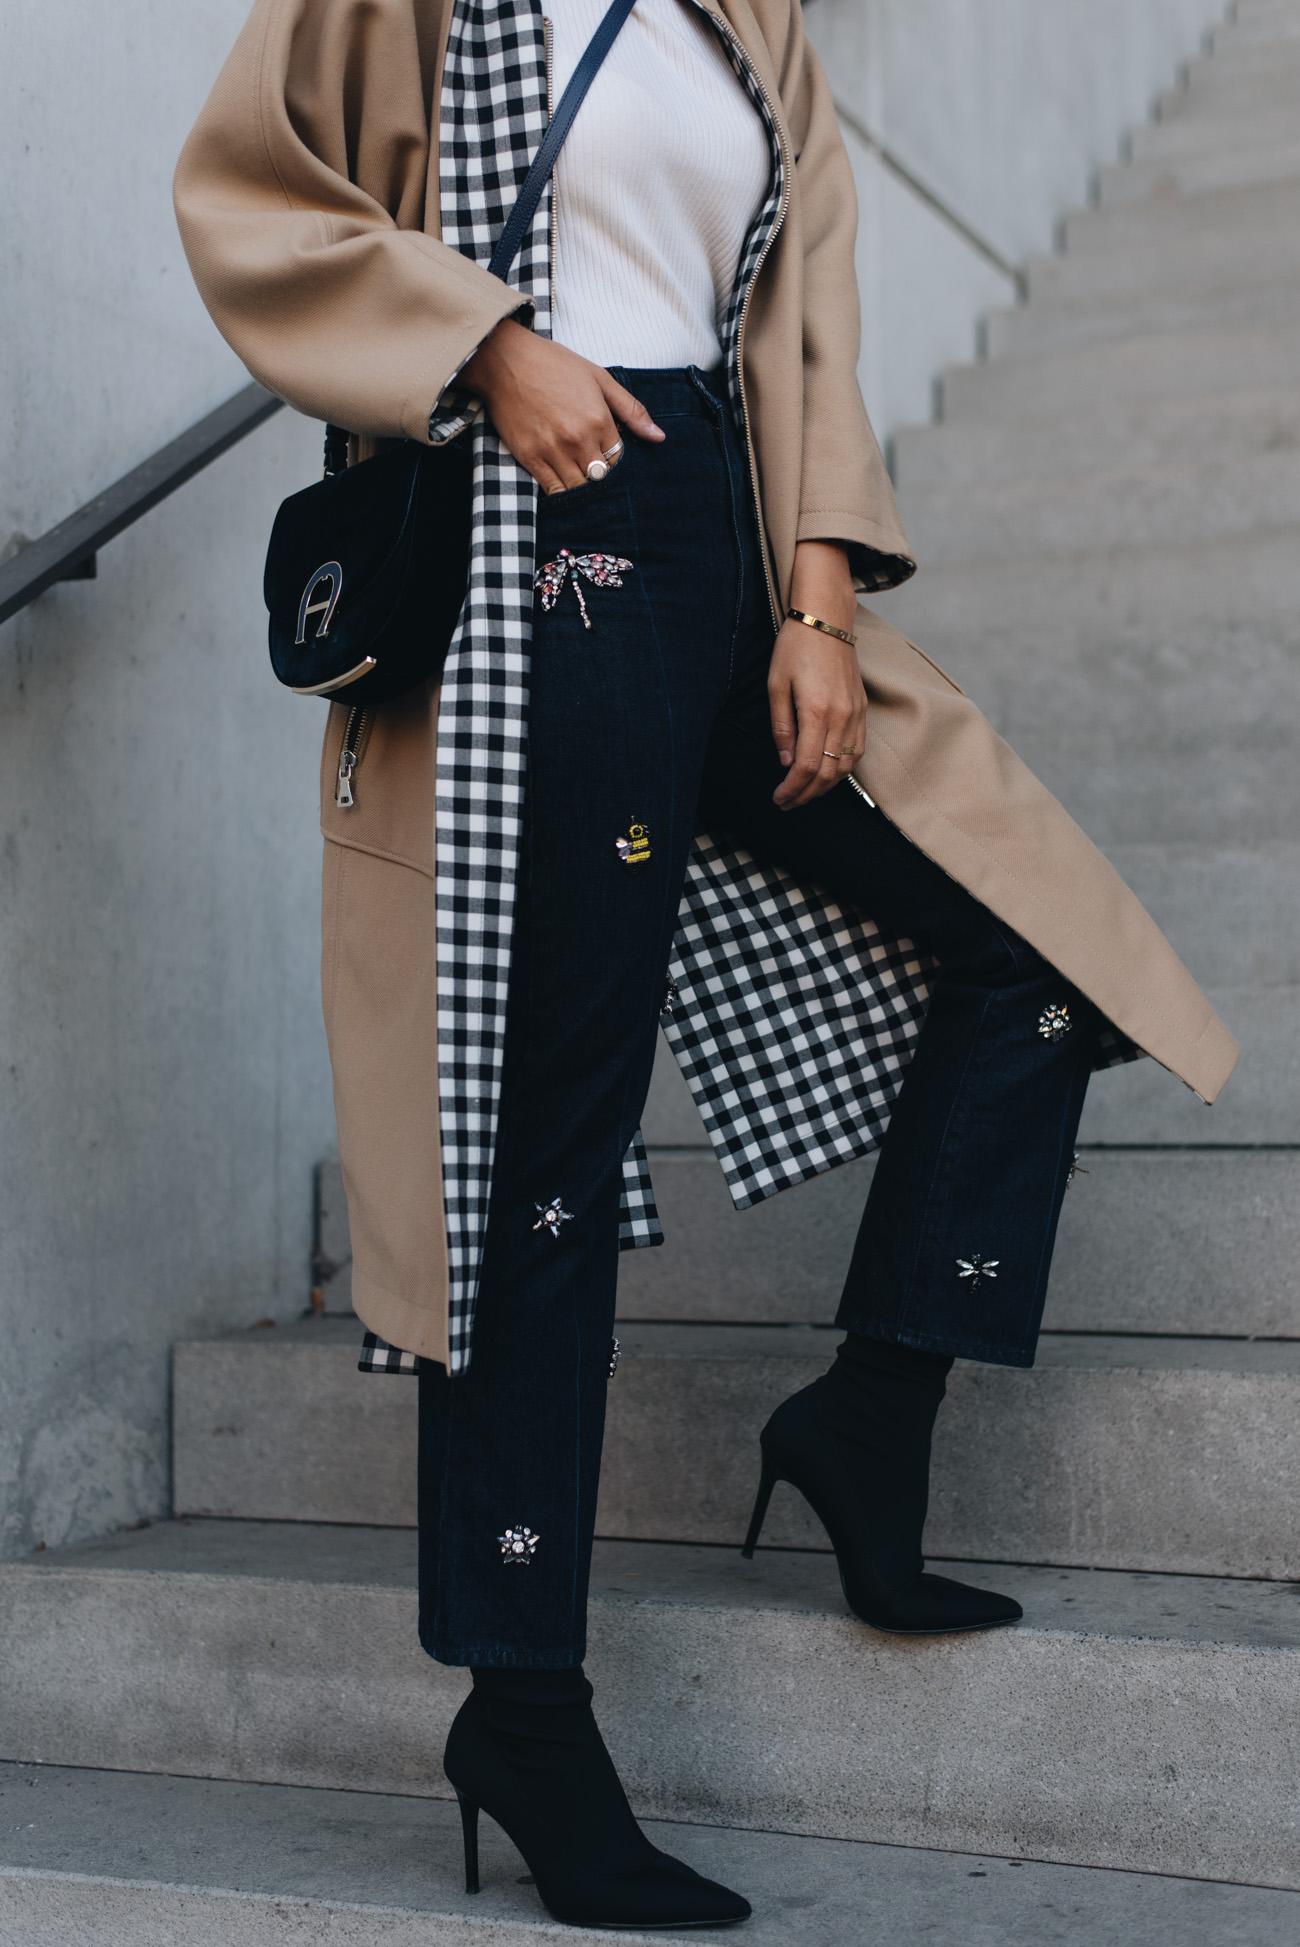 Jeans-mit-perlen-applikationen-H&M-trenchcoat-beige-esprit-nina-schwichtenberg-fashion-bloggerin-deutschland-münchen-fashiioncarpet